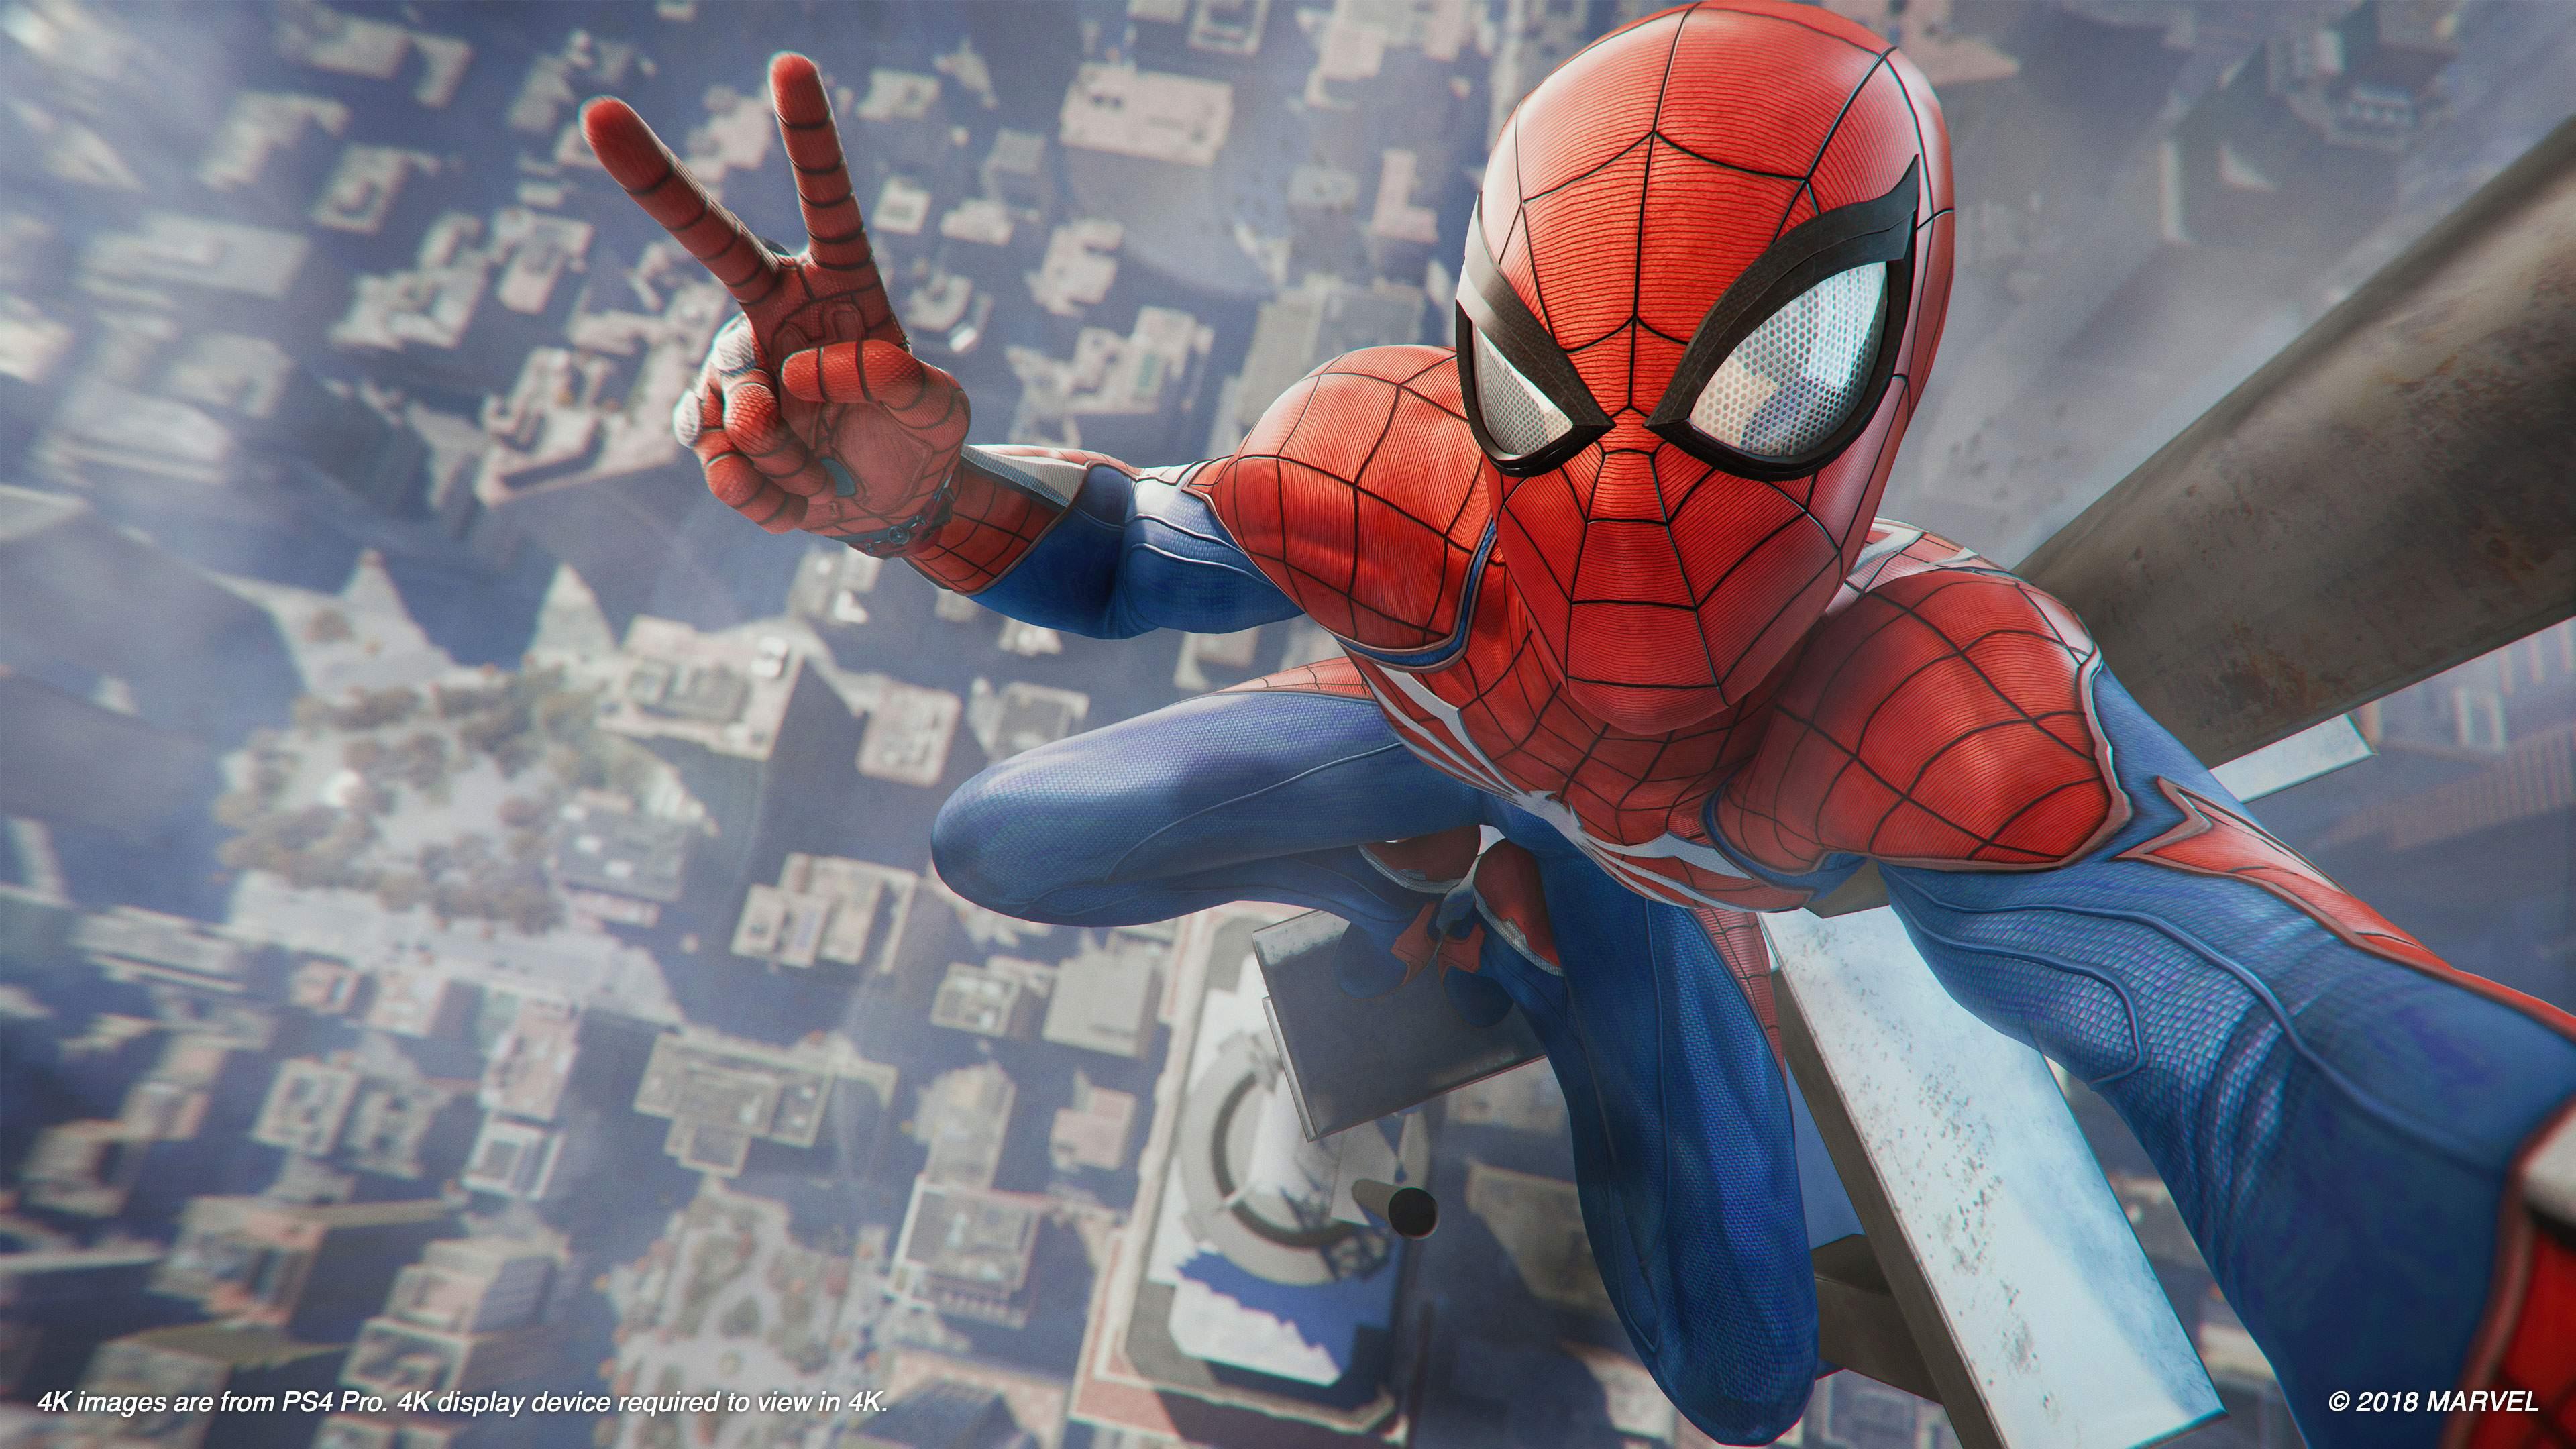 El Spiderman De Sony Se Convierte En Uno De Los Mejores Juegos De